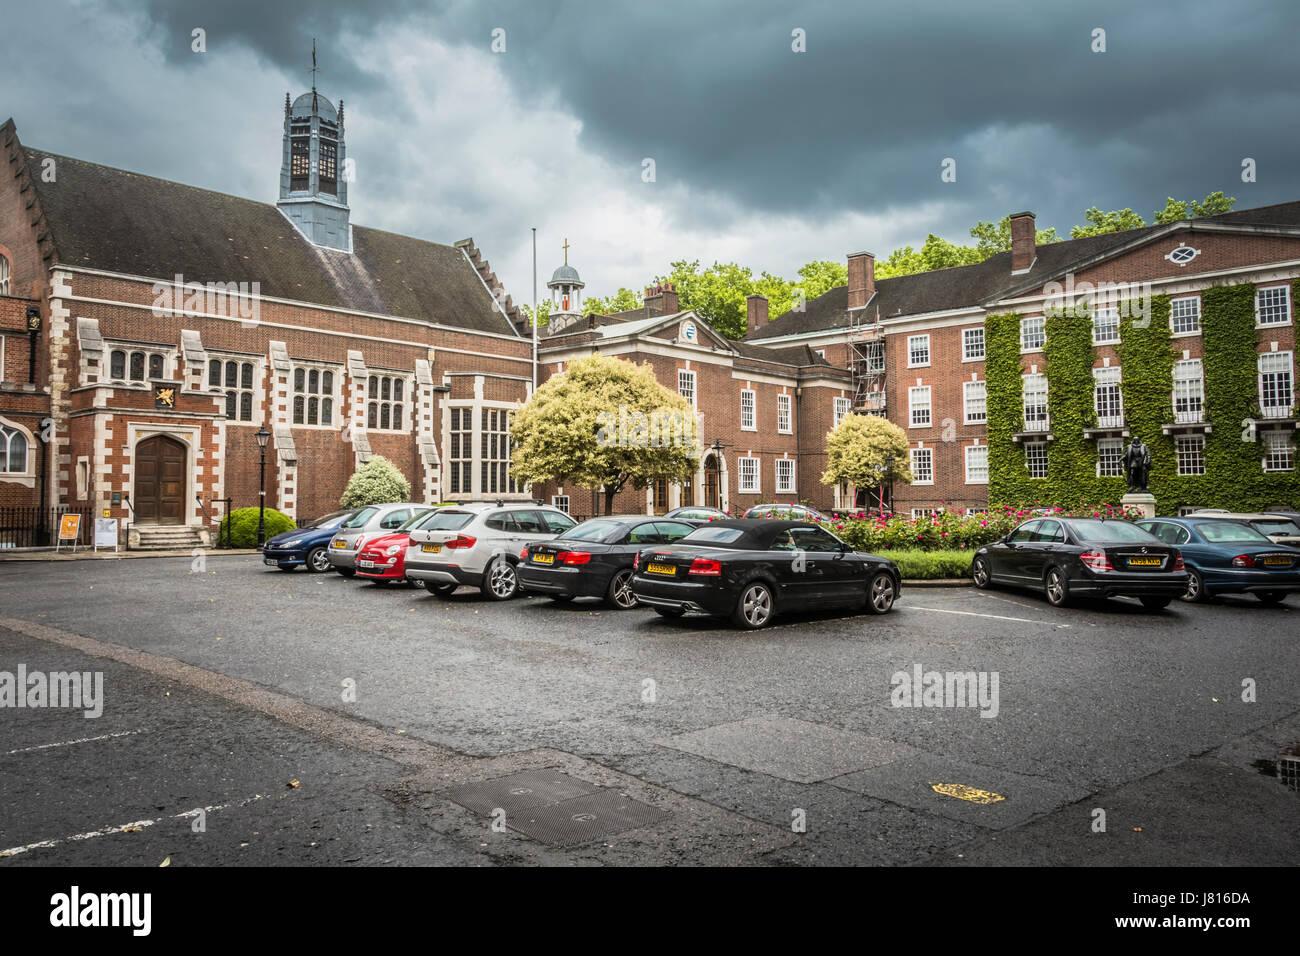 La Honorable Sociedad de Gray's Inn, Londres, Reino Unido. Imagen De Stock